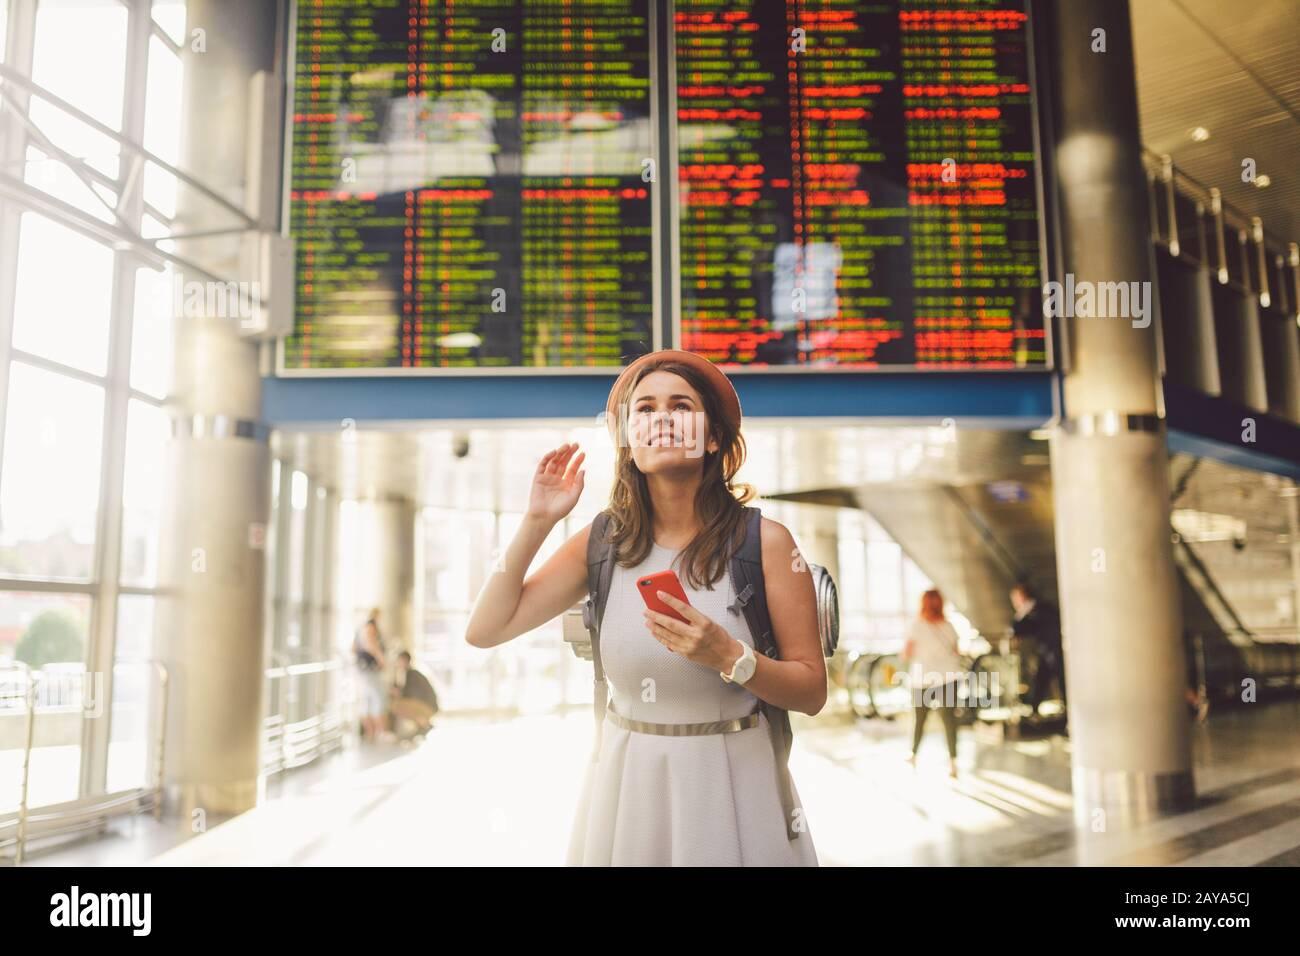 Viaje temático y transporte. Hermosa mujer caucásica joven en vestido y mochila de pie dentro de la estación de tren o terminal de baño Foto de stock